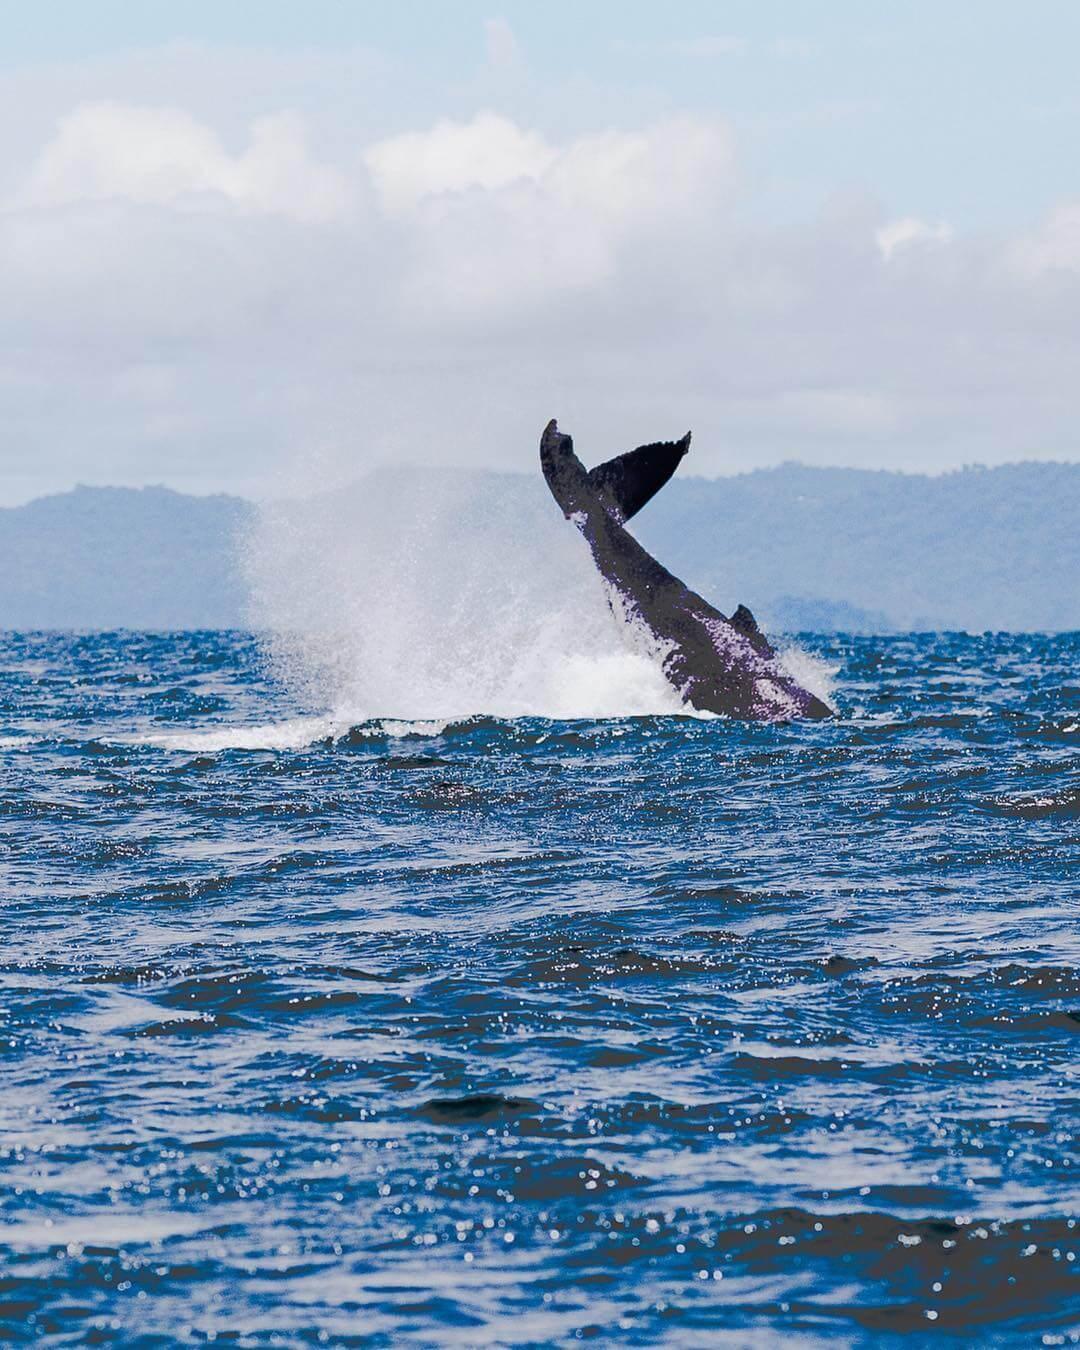 Tour avistamiento de ballenas jorobadas en Nuquí